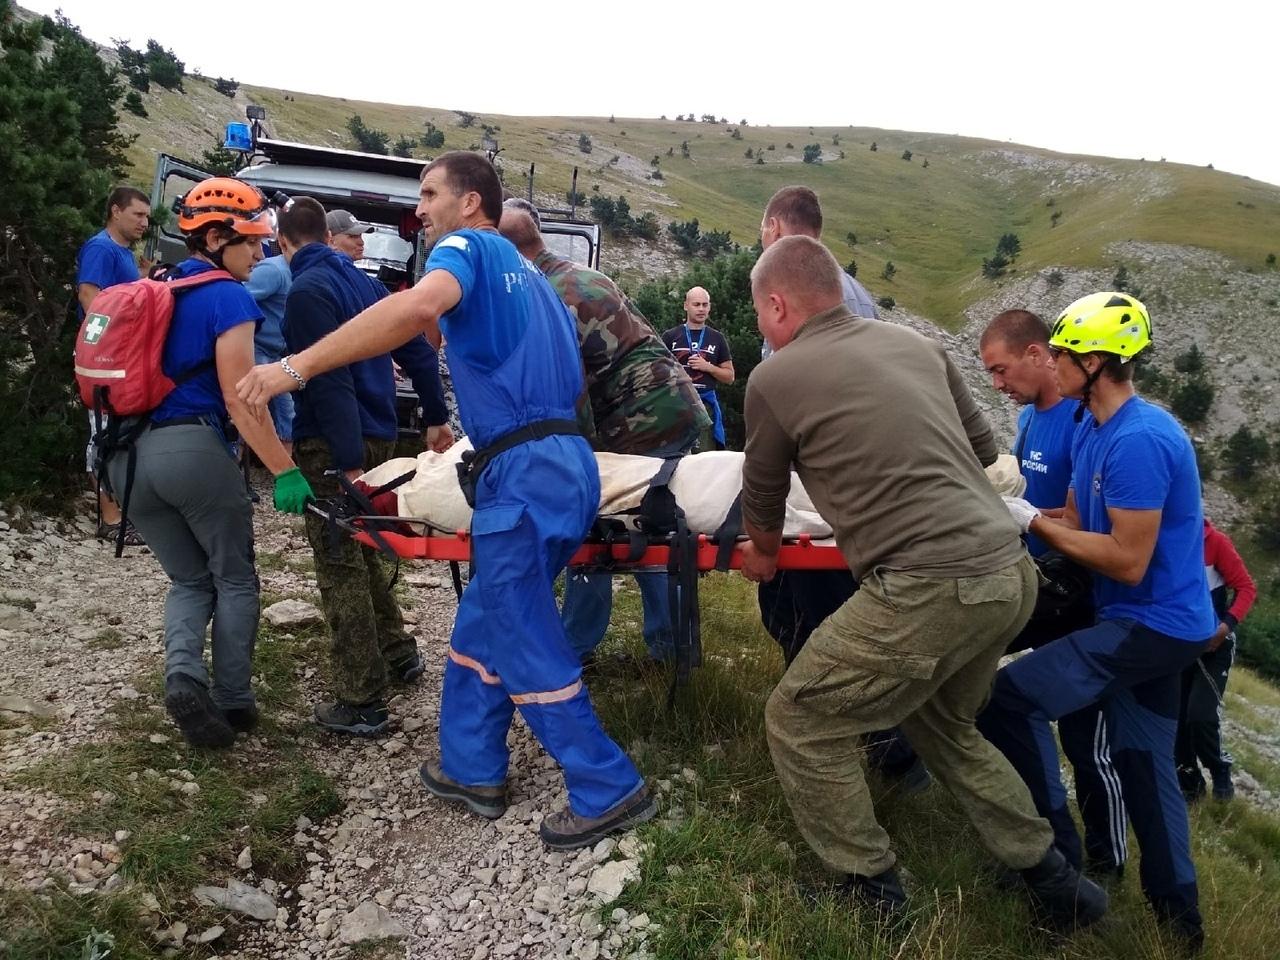 В КЧР сорвался в пропасть автомобиль с туристами